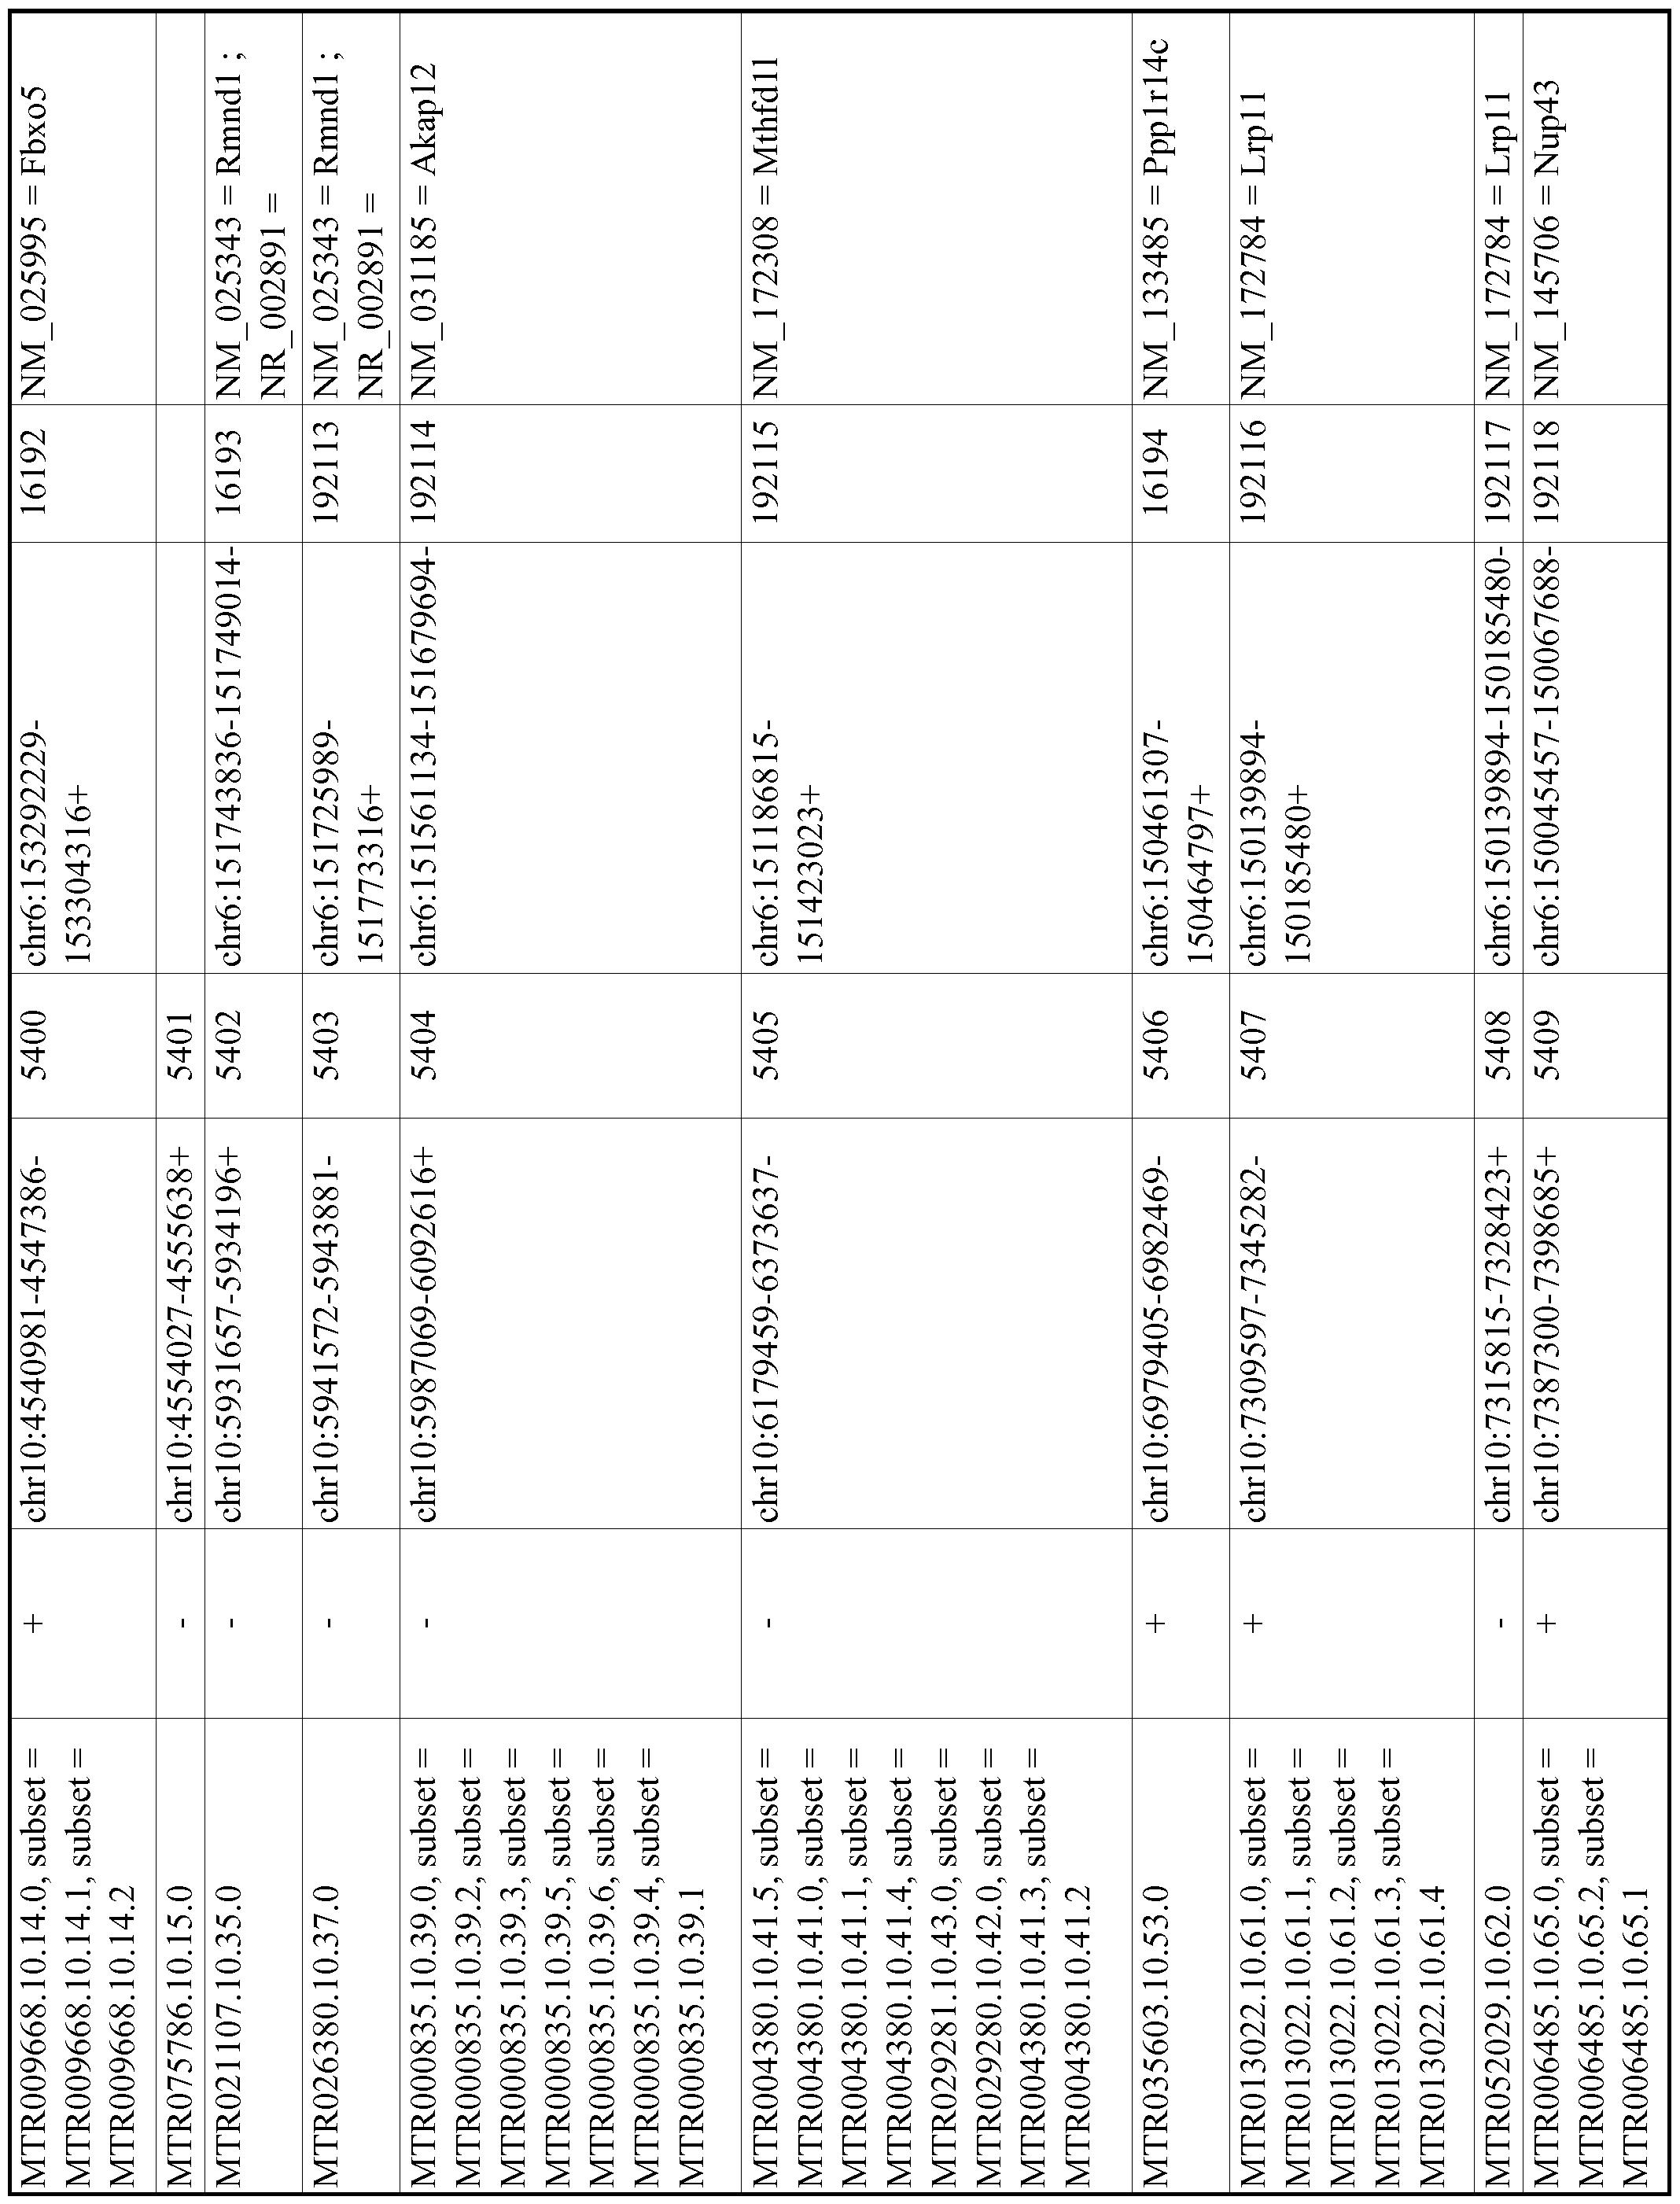 Figure imgf000975_0001